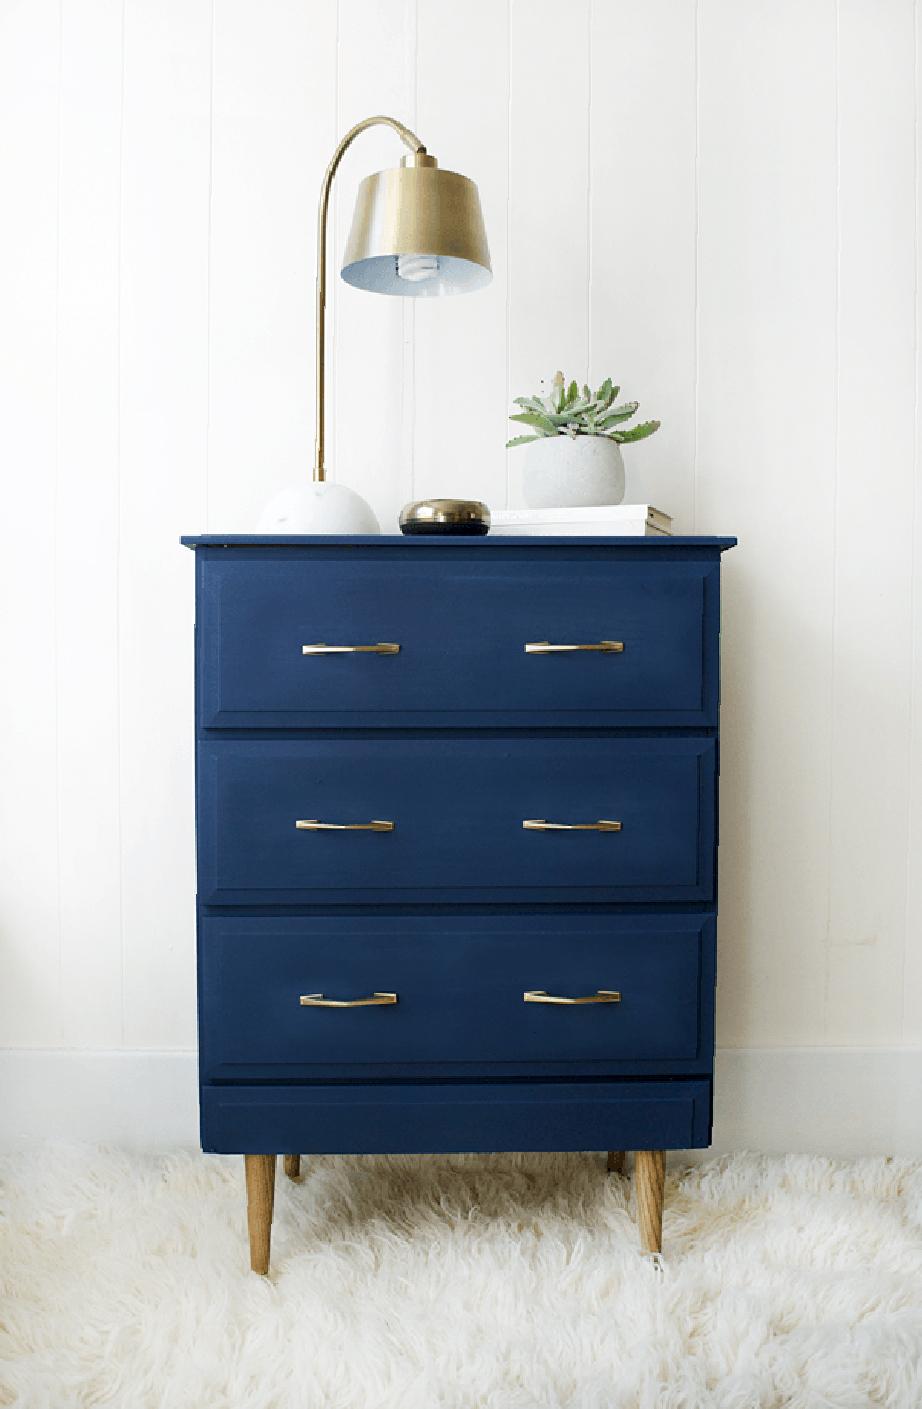 Με ματ χρώματα μπορείτε να ανανεώσετε παλιά ξύλινα έπιπλα και να τους δώσετε ξανά ζωή κάνοντάς τα πιο trend στοιχεία της διακόσμησής σας.